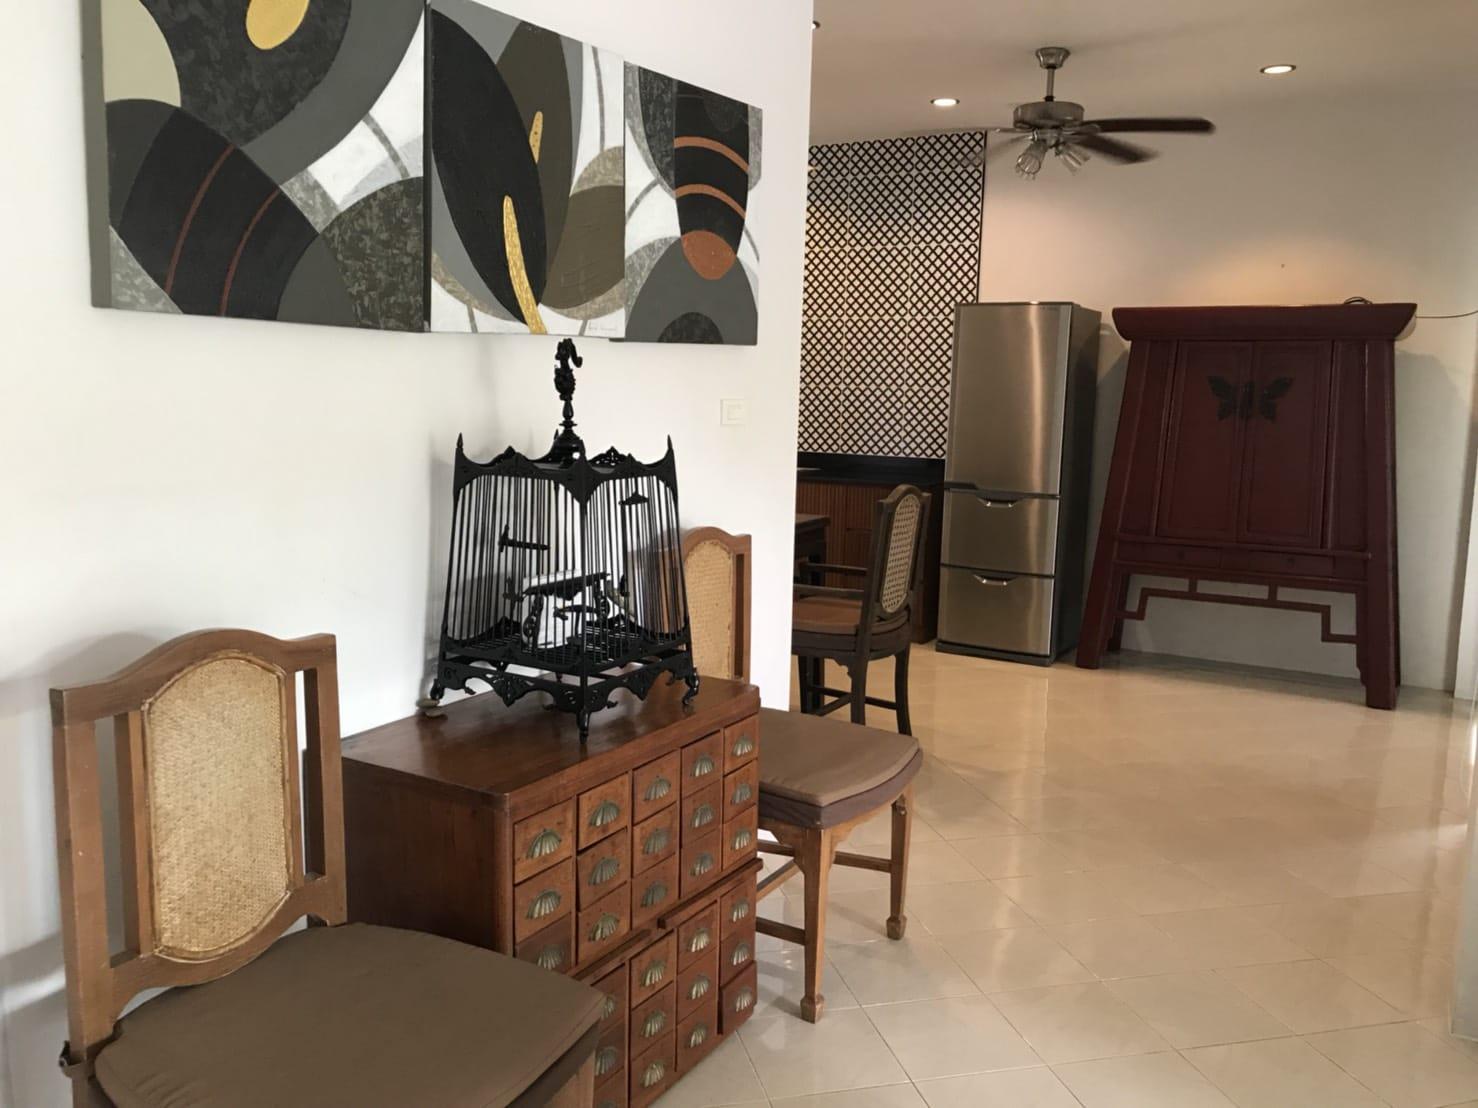 Cherng Talay 2 Bedroom -bfda747b-9555-4931-a424-3107144a4069.jpg